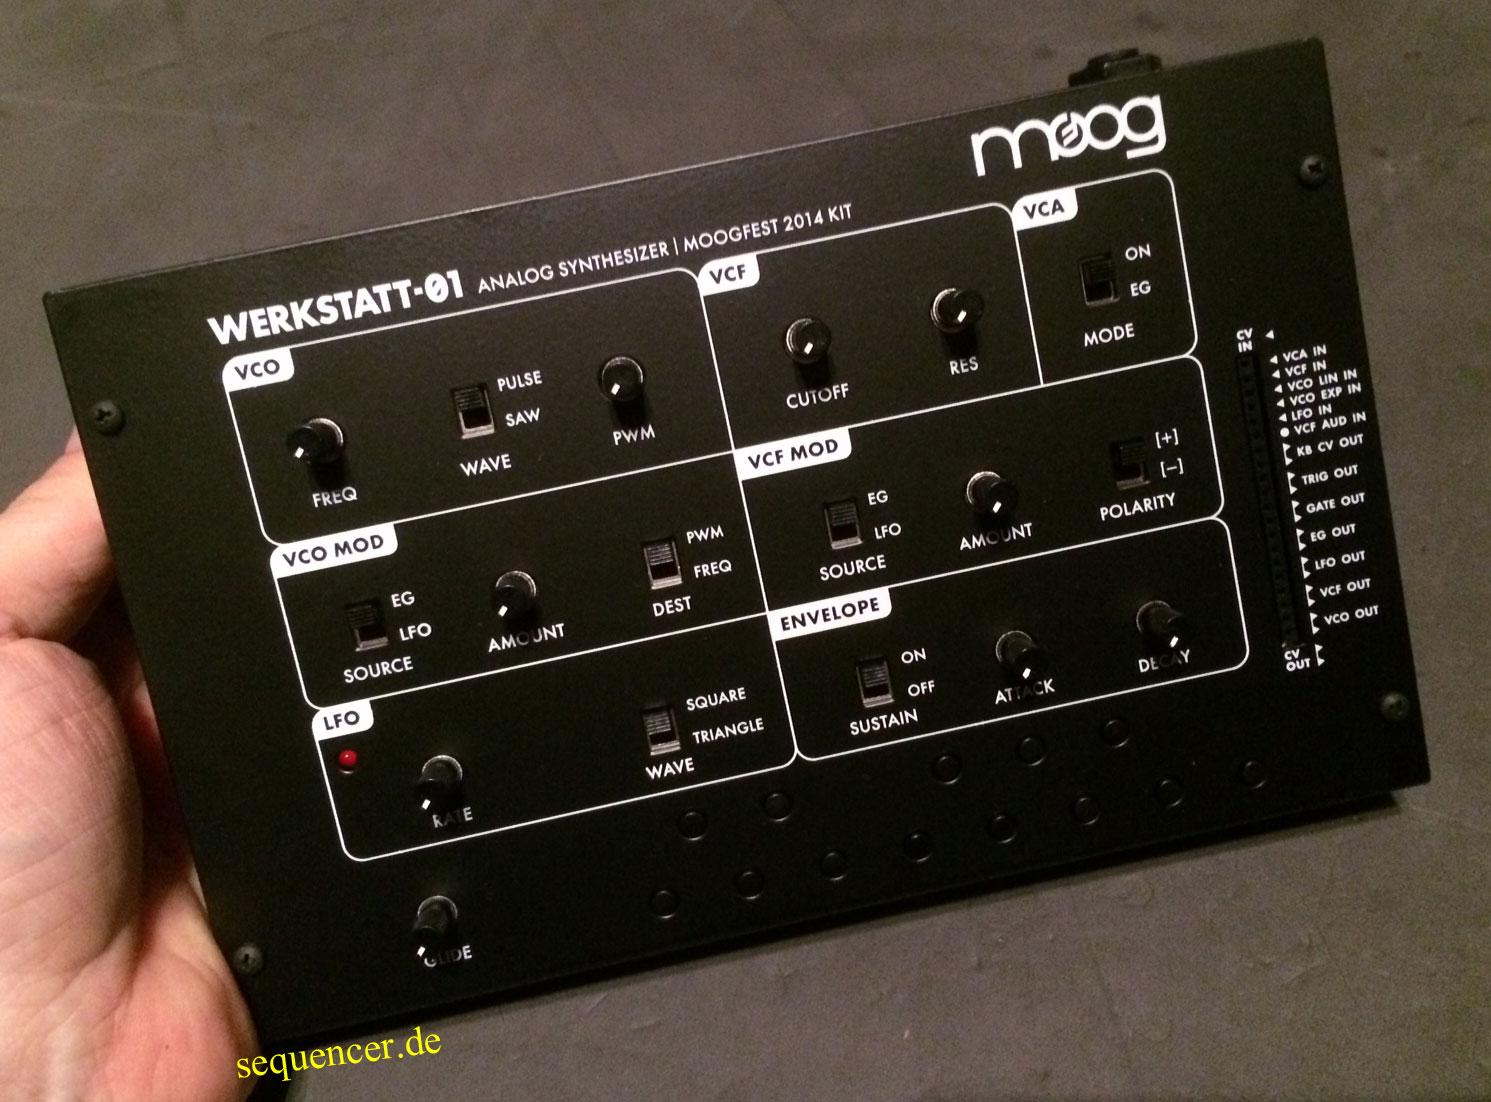 Moog Werkstatt synthesizer